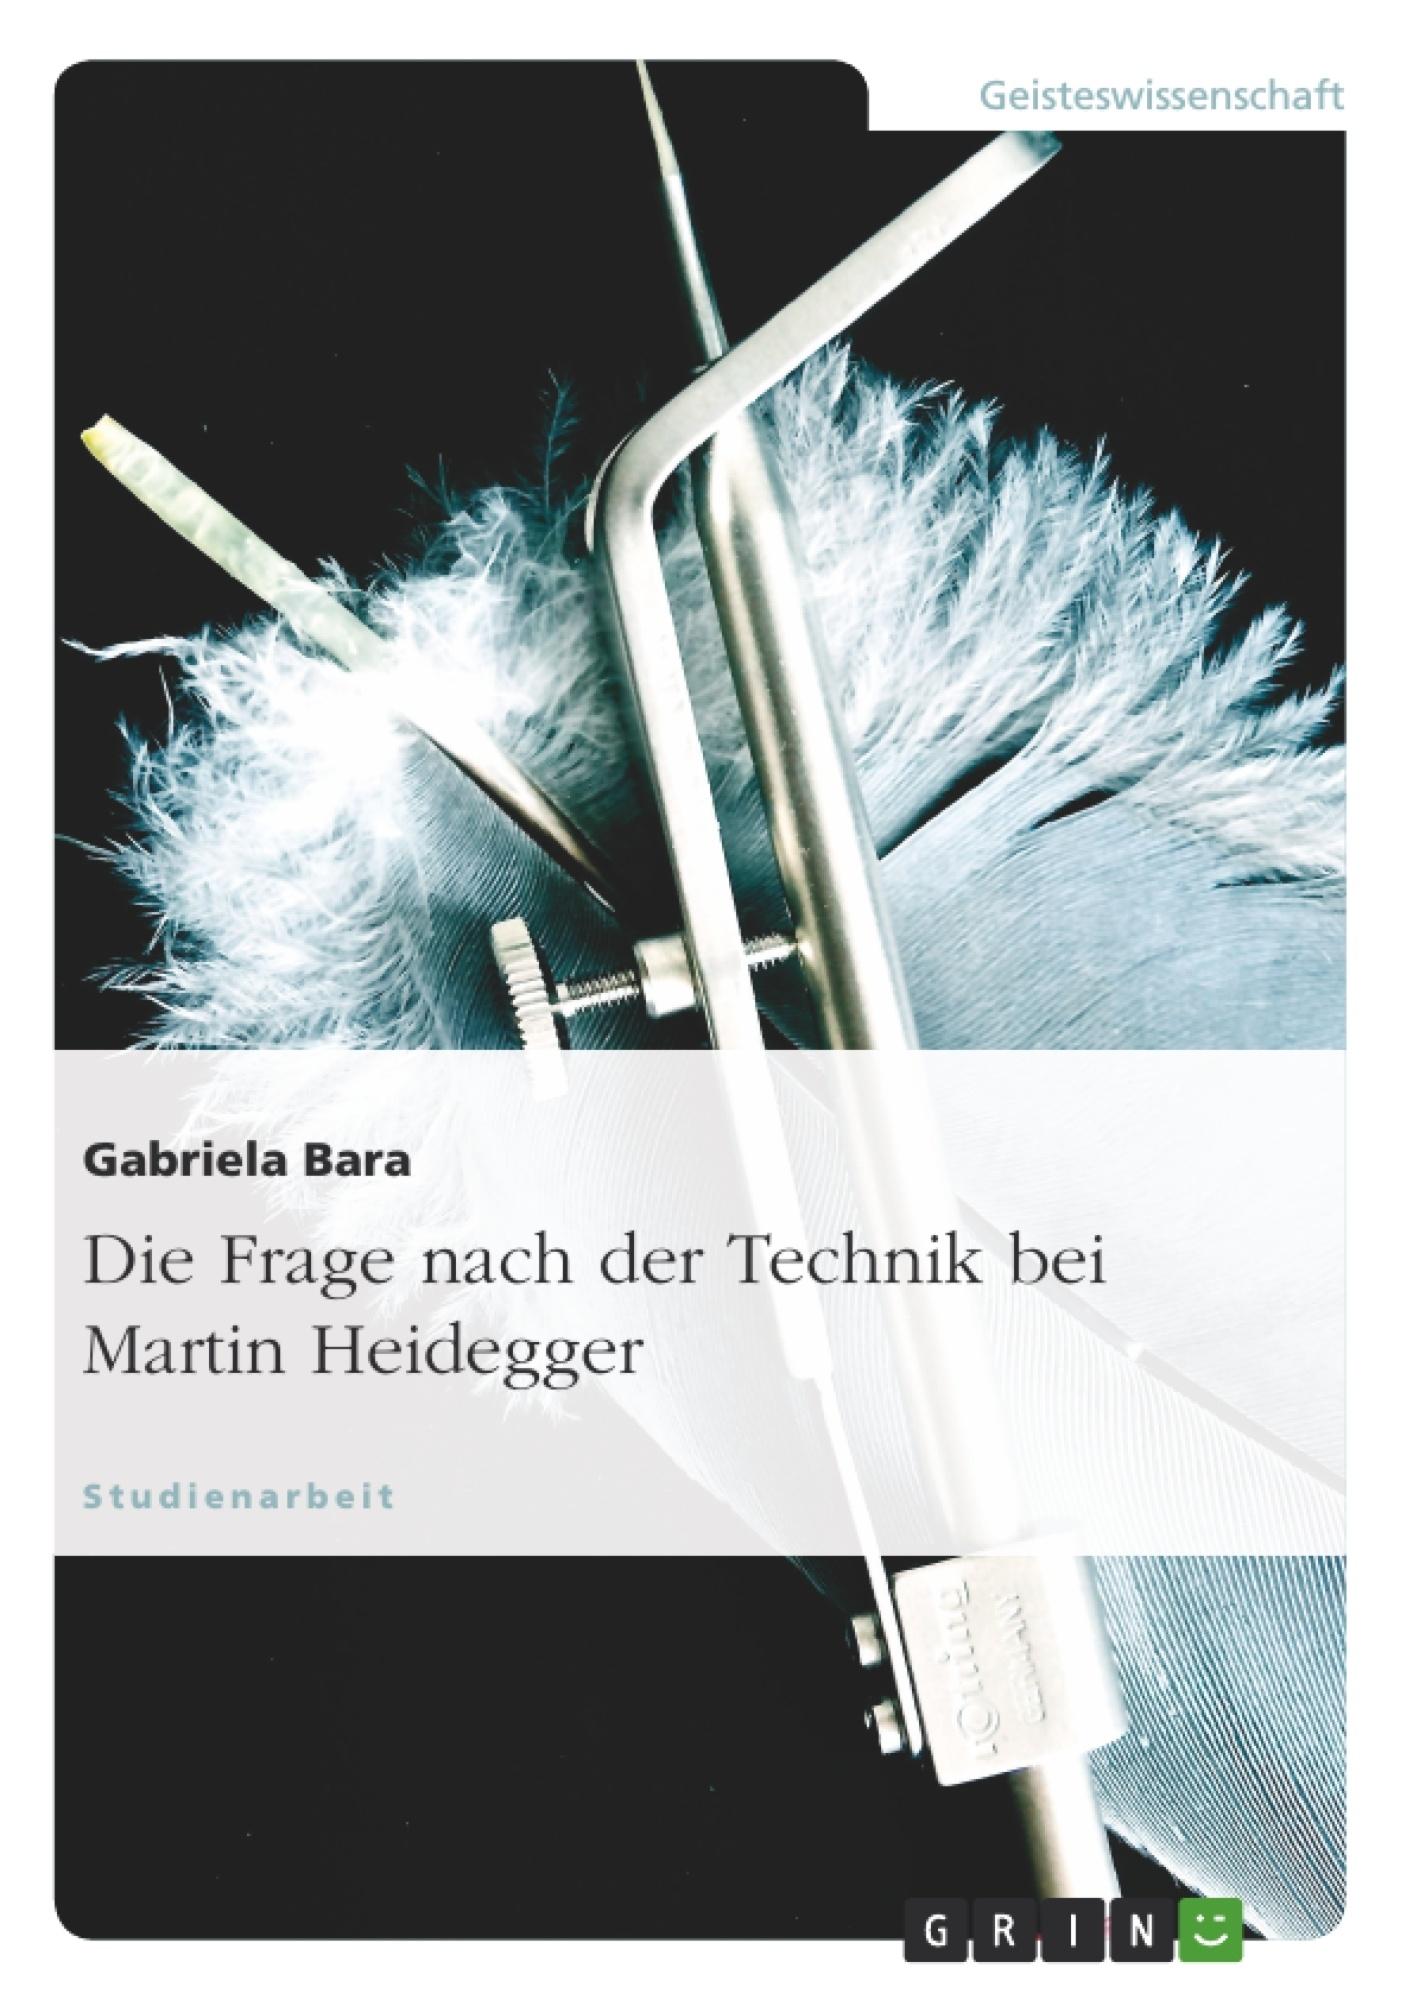 Titel: Die Frage nach der Technik bei Martin Heidegger